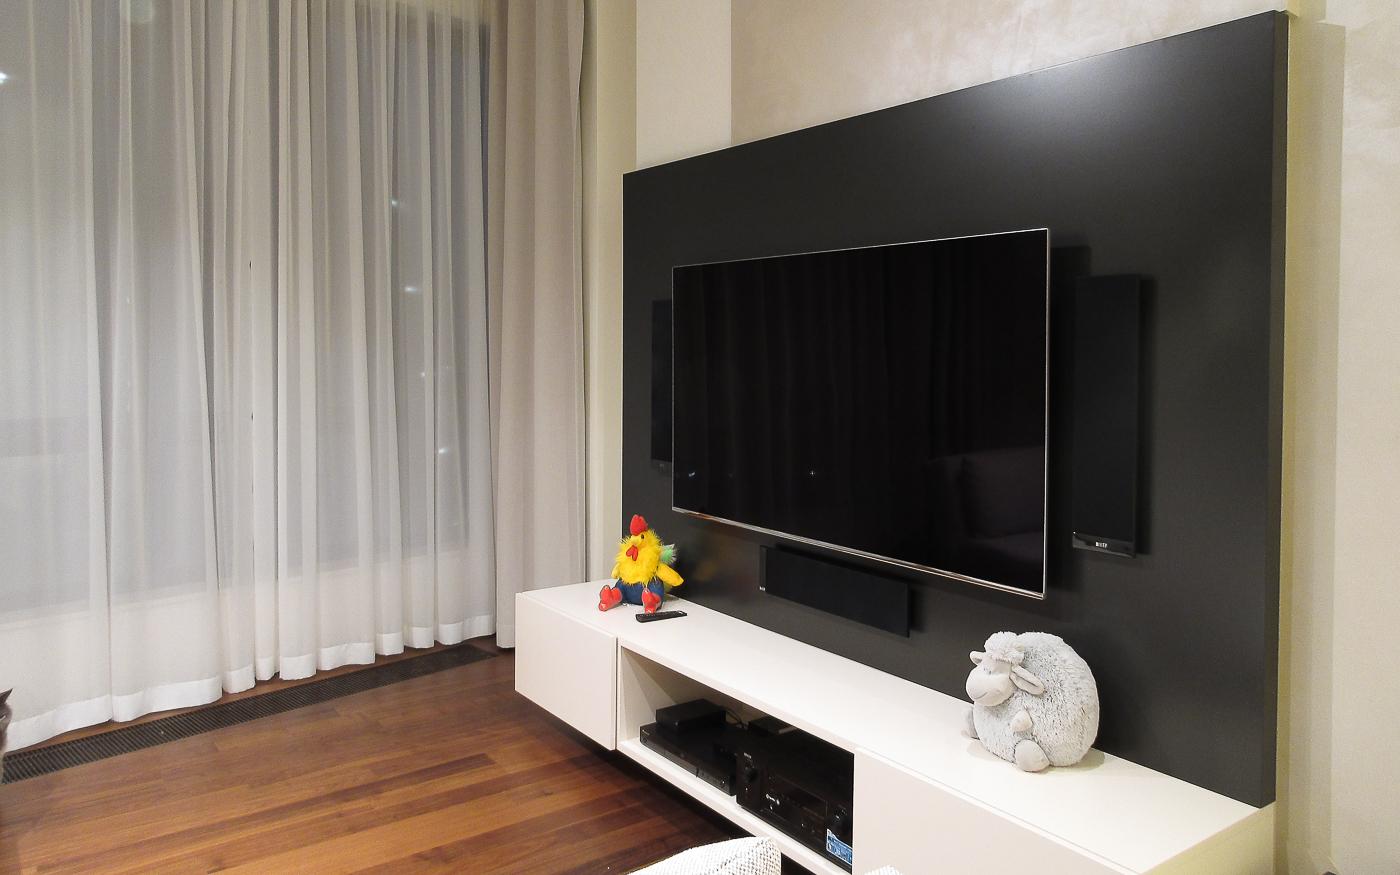 Домашний кинотеатр с настенными акустическими системами